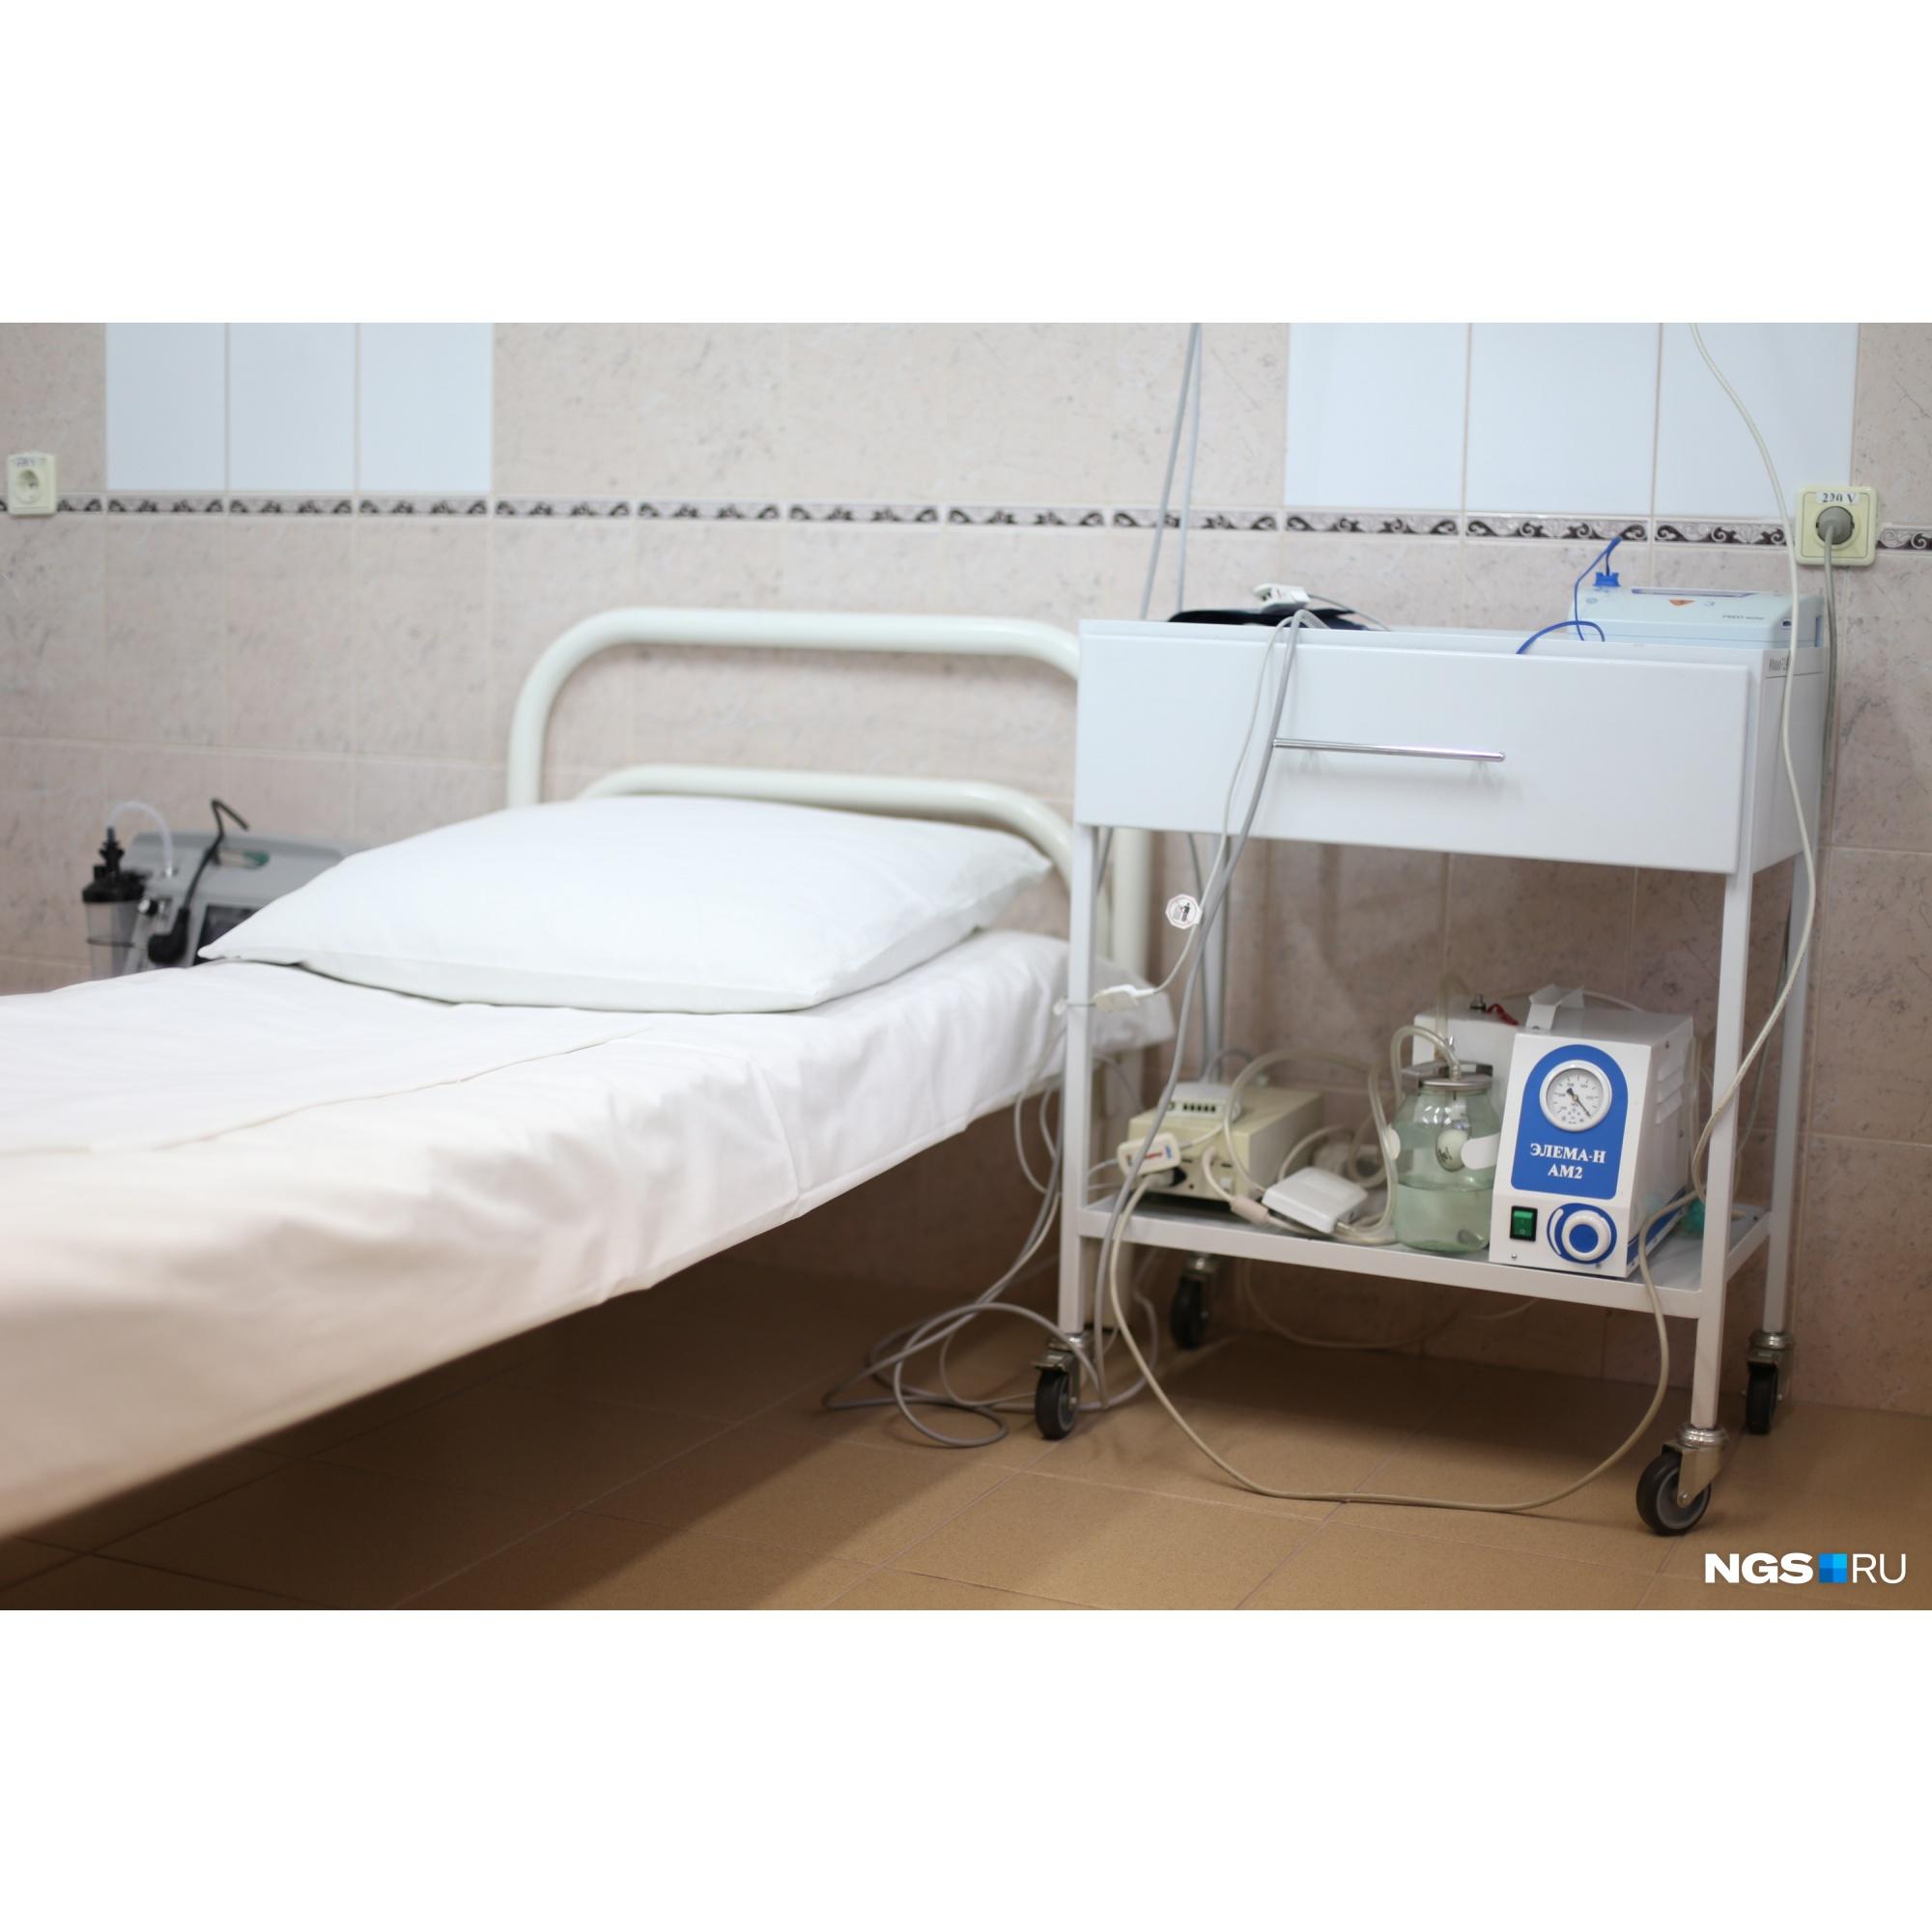 На всякий случай в больнице есть палата интенсивной терапии с кислородным концентратором